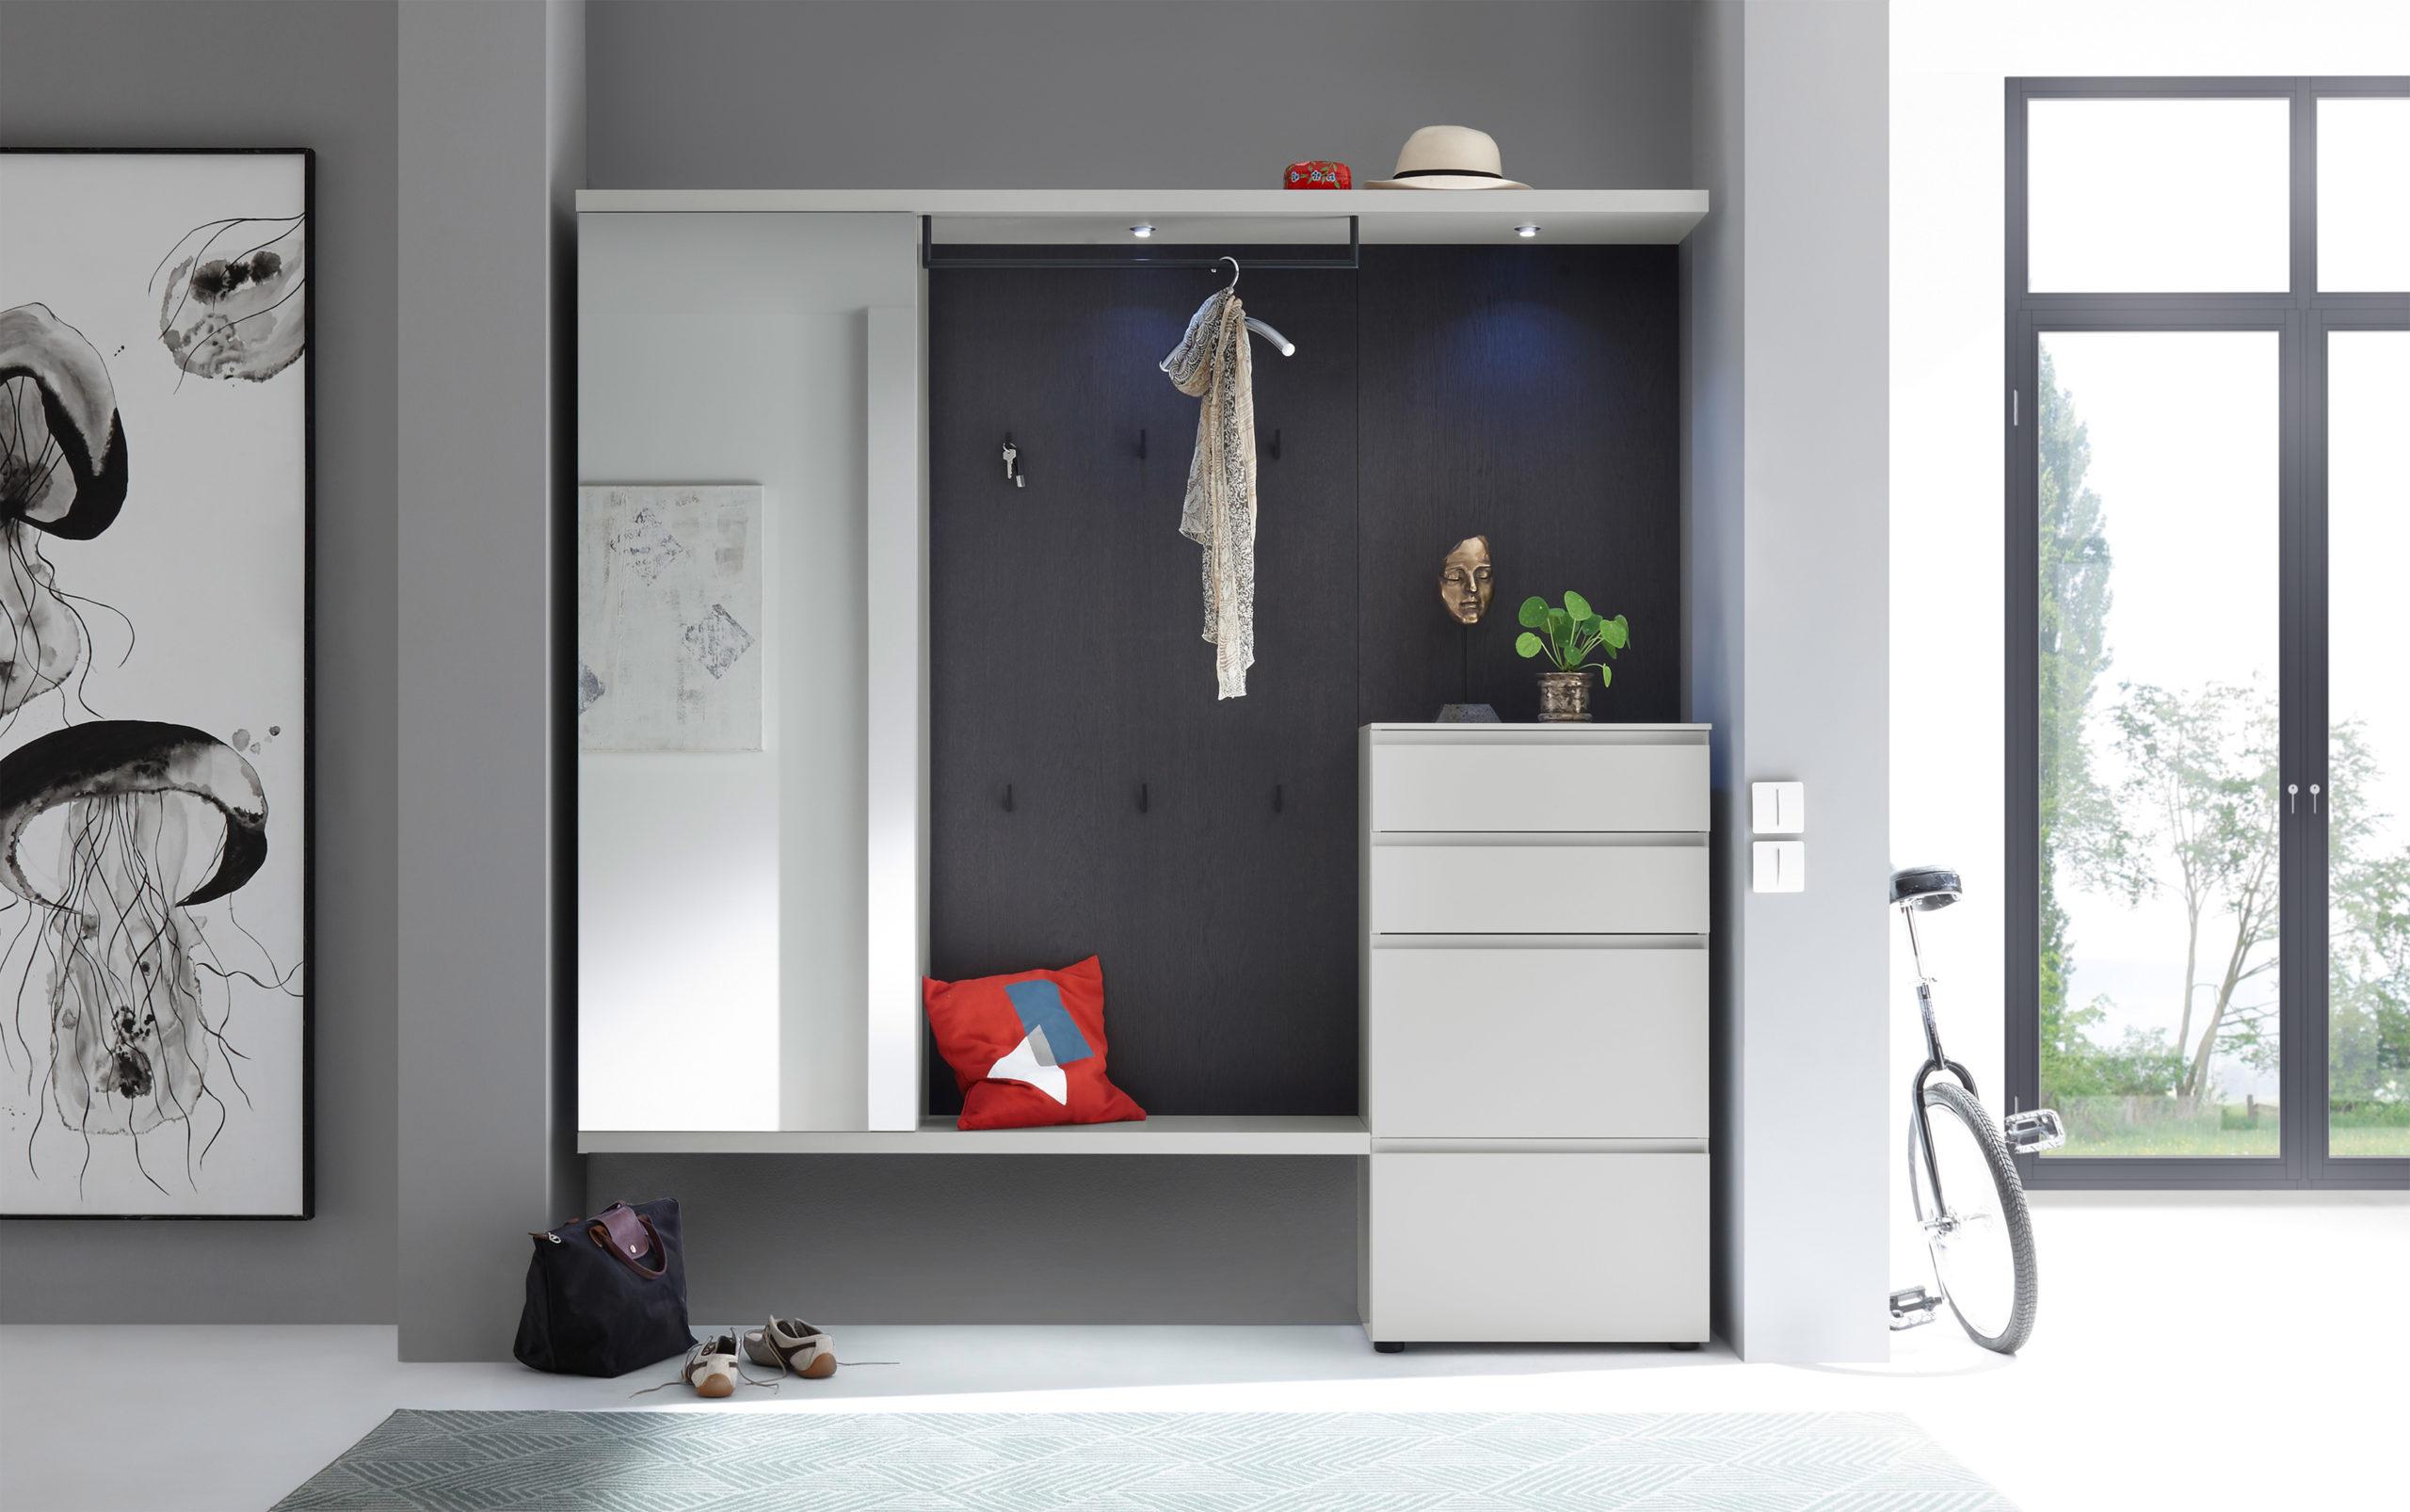 Sudbrock TANDO Garderobe No.48 in Eiche anthrazit, kombiniert mit Akzent in Lack-steingrau #407